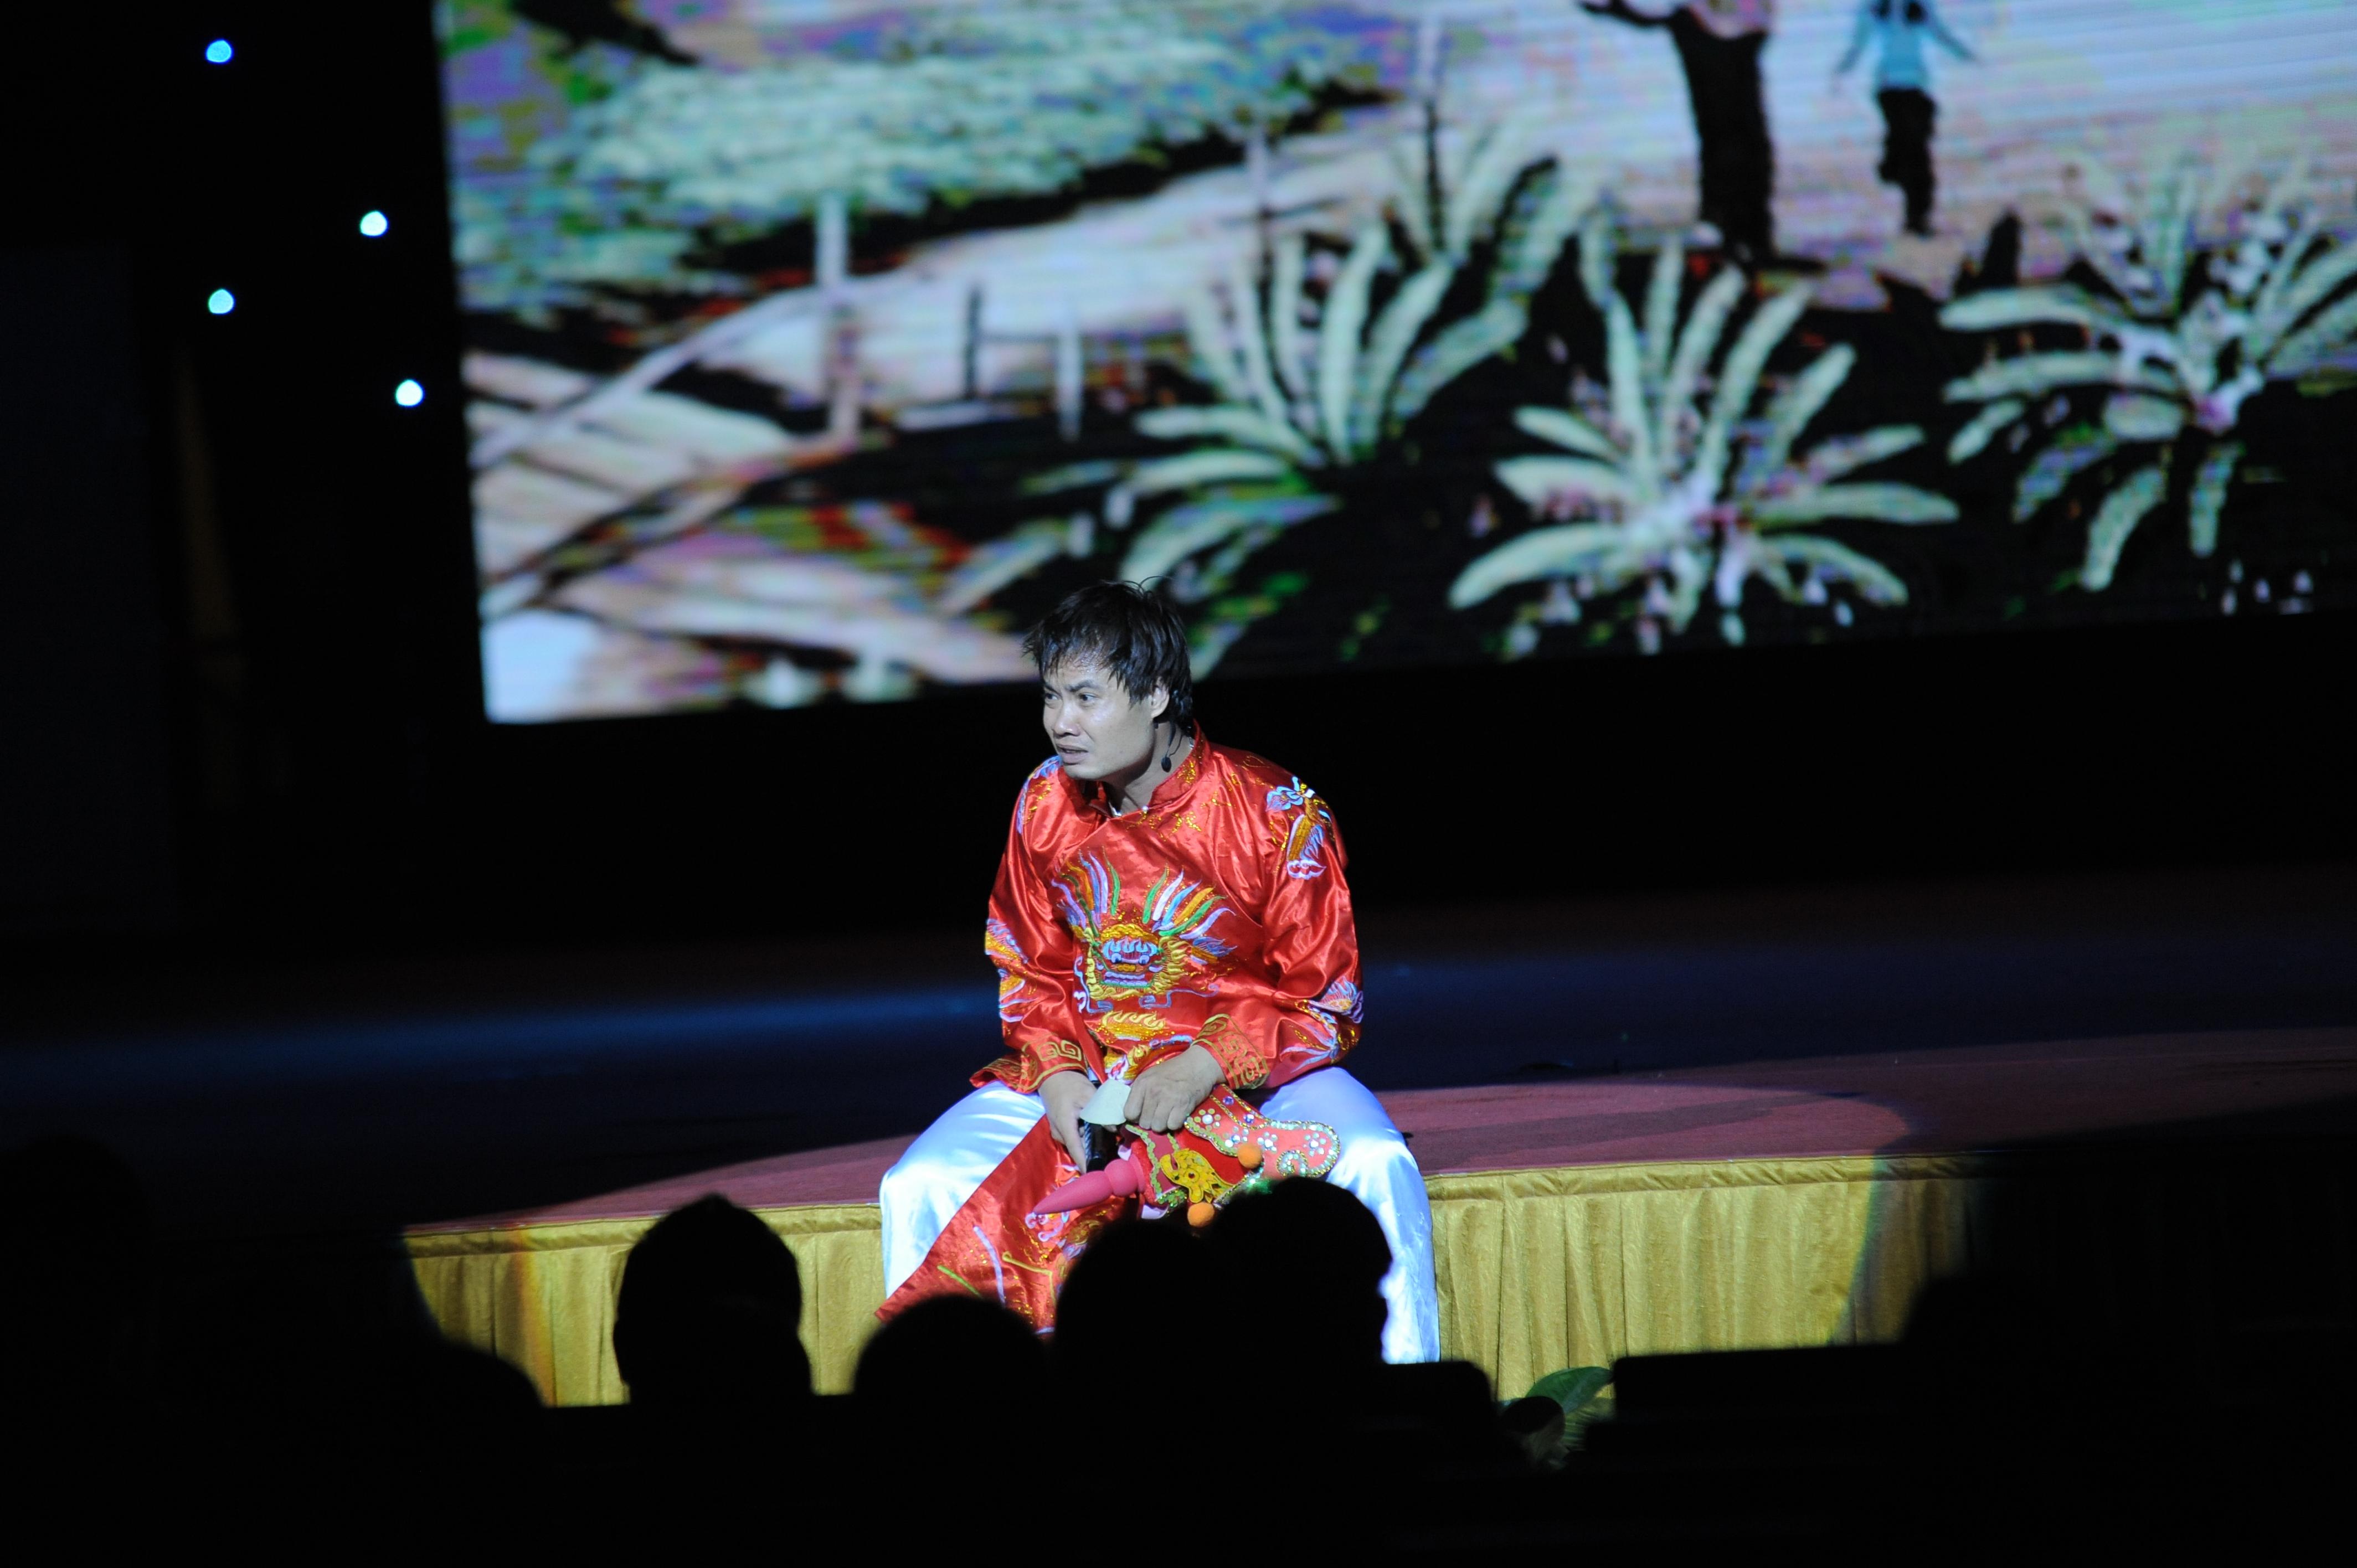 """Nhận nhiệm vụ mở đầu Hội diễn, nhà Giáo dục mang đến sân khấu tiết mục thuộc thể loại nhạc thơ võ kịch có tiêu đề """"Để Mị nói cho mà nghe truyện Thánh Gióng""""."""